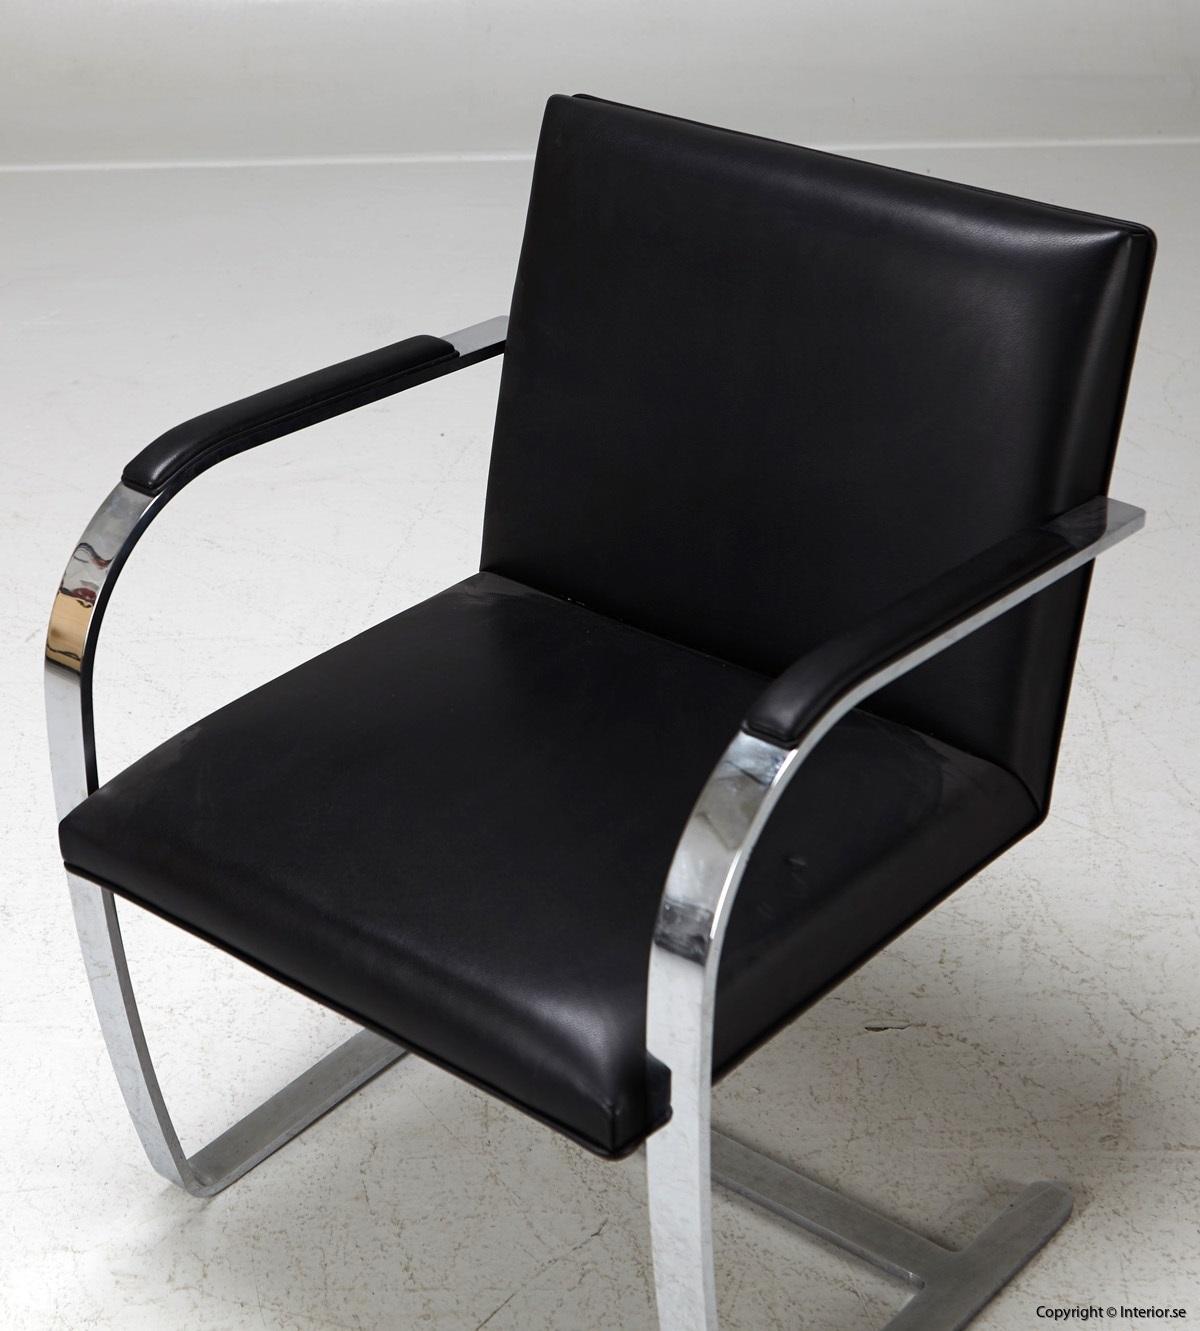 1 Stol, Knoll Brno E01M 4200 - Ludwig Mies van der Rohe (4)